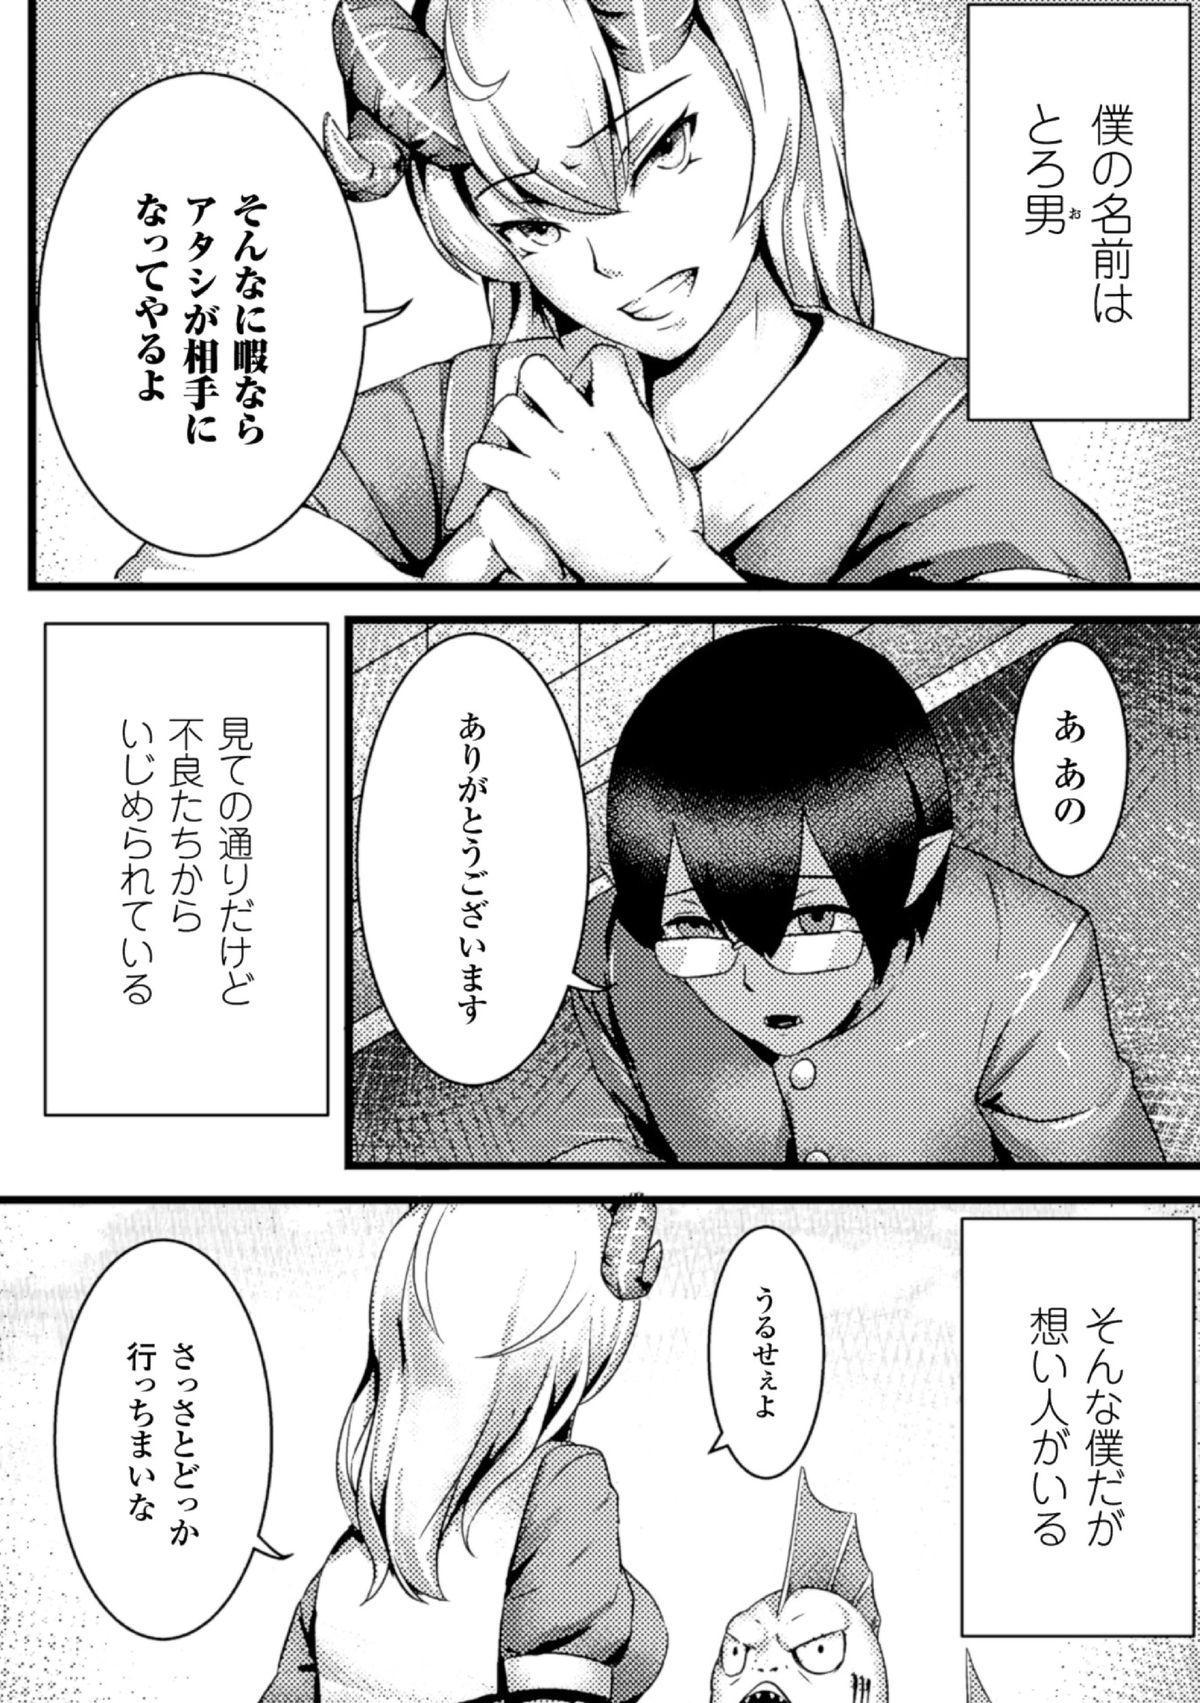 2D Comic Magazine - Monster Musume ga Tsudou Ishuzoku Gakuen e Youkoso! Vol. 2 39